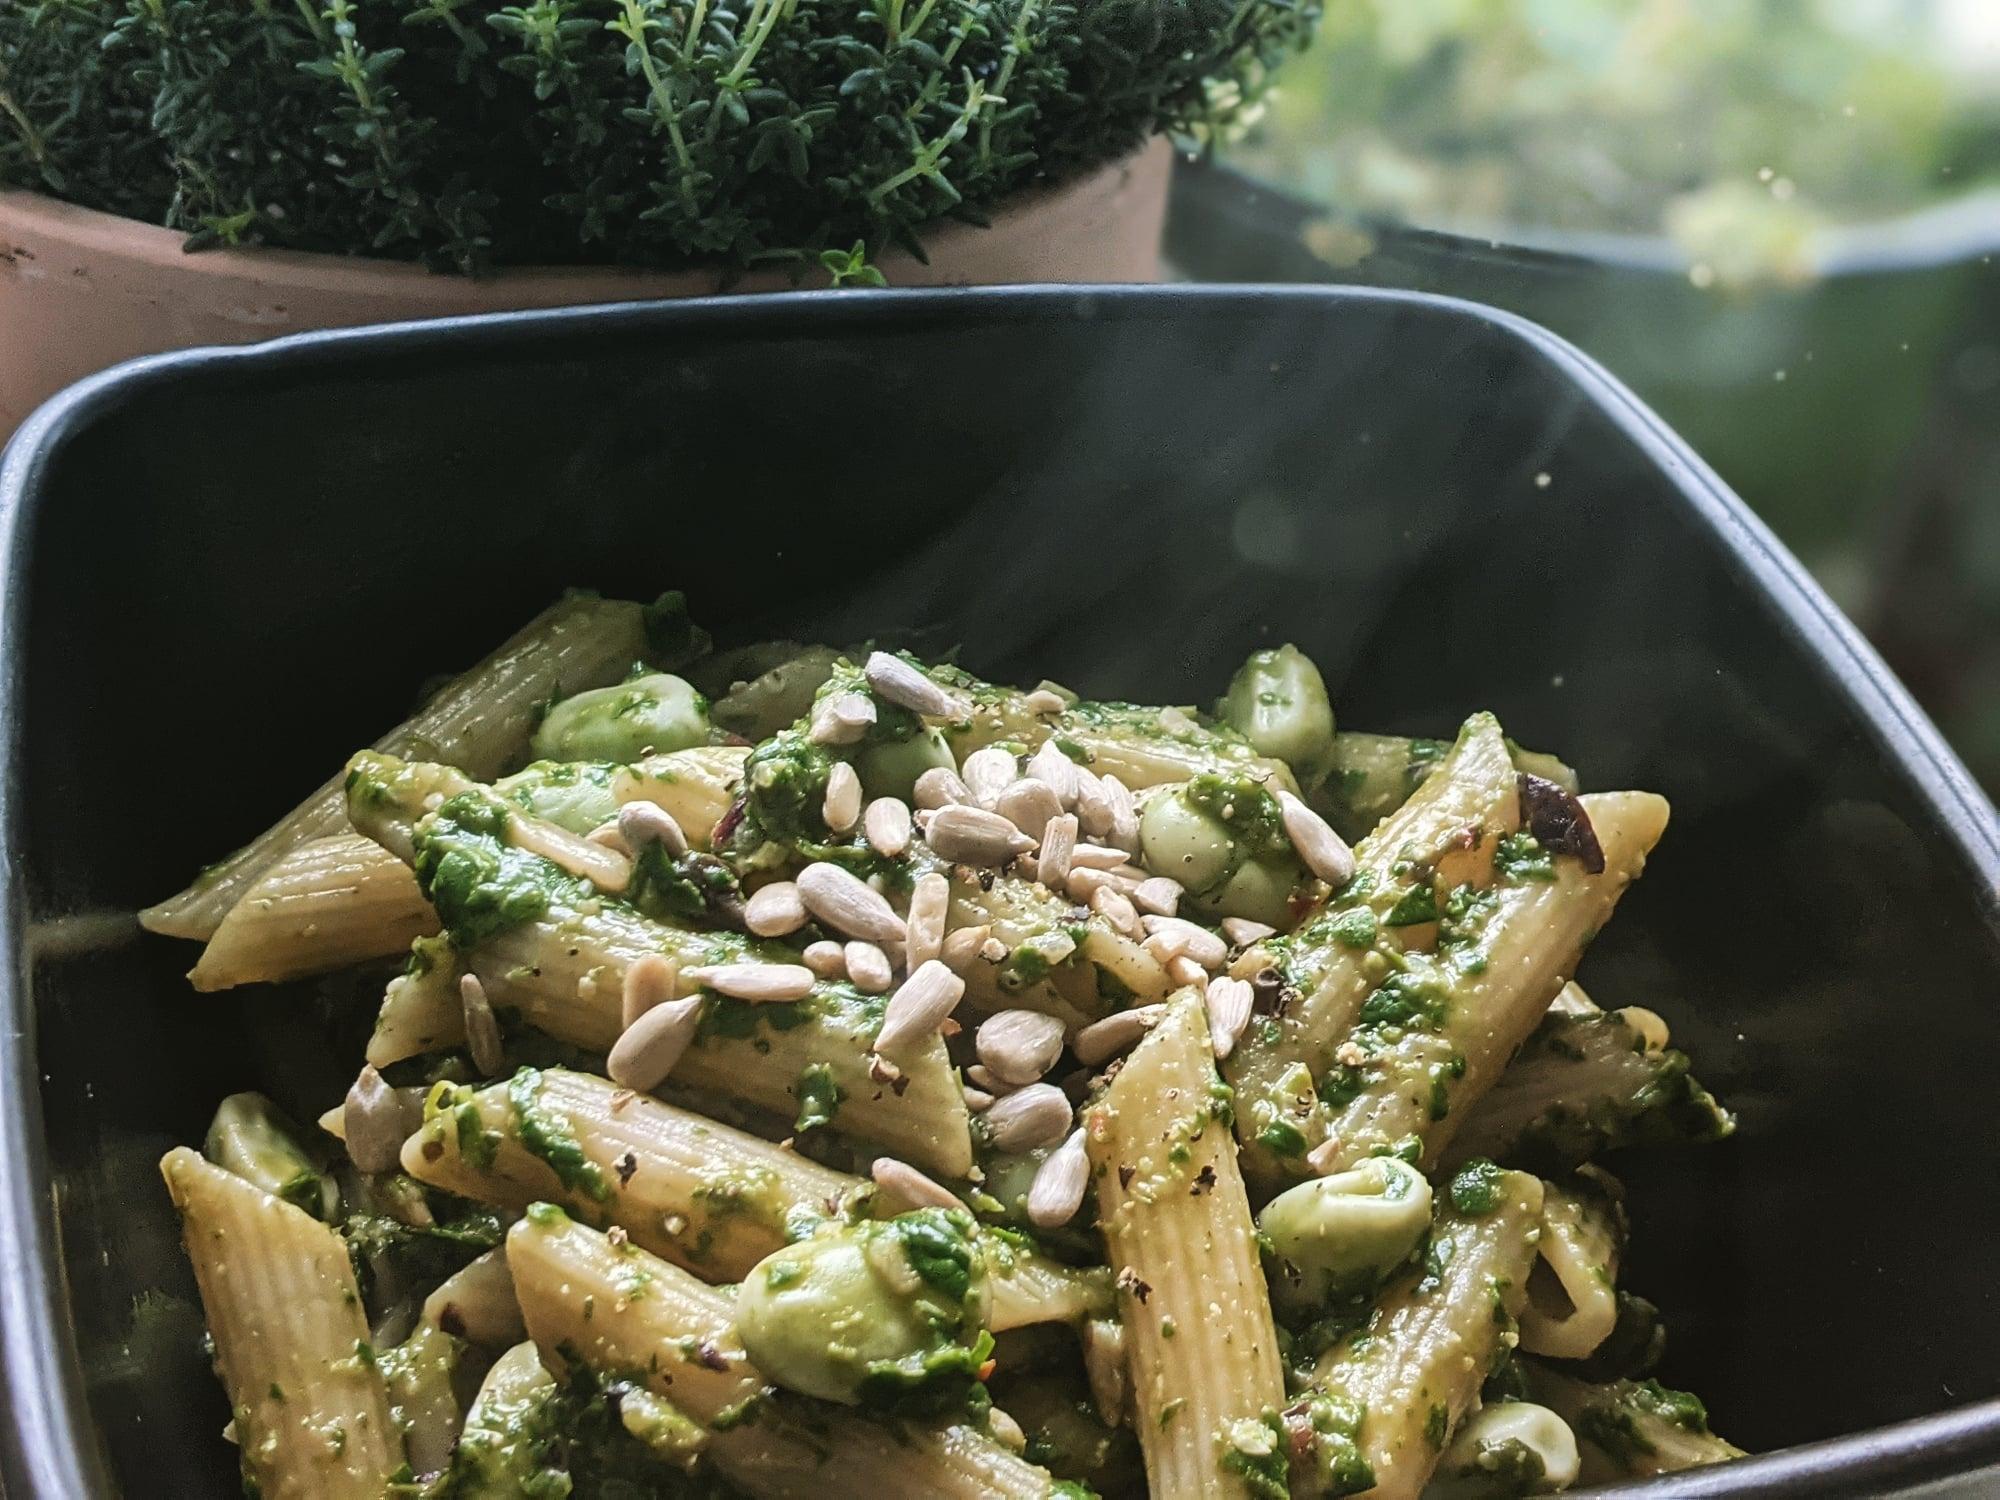 Vegan pesto pasta doodleheart.co.uk littlepackofvegans